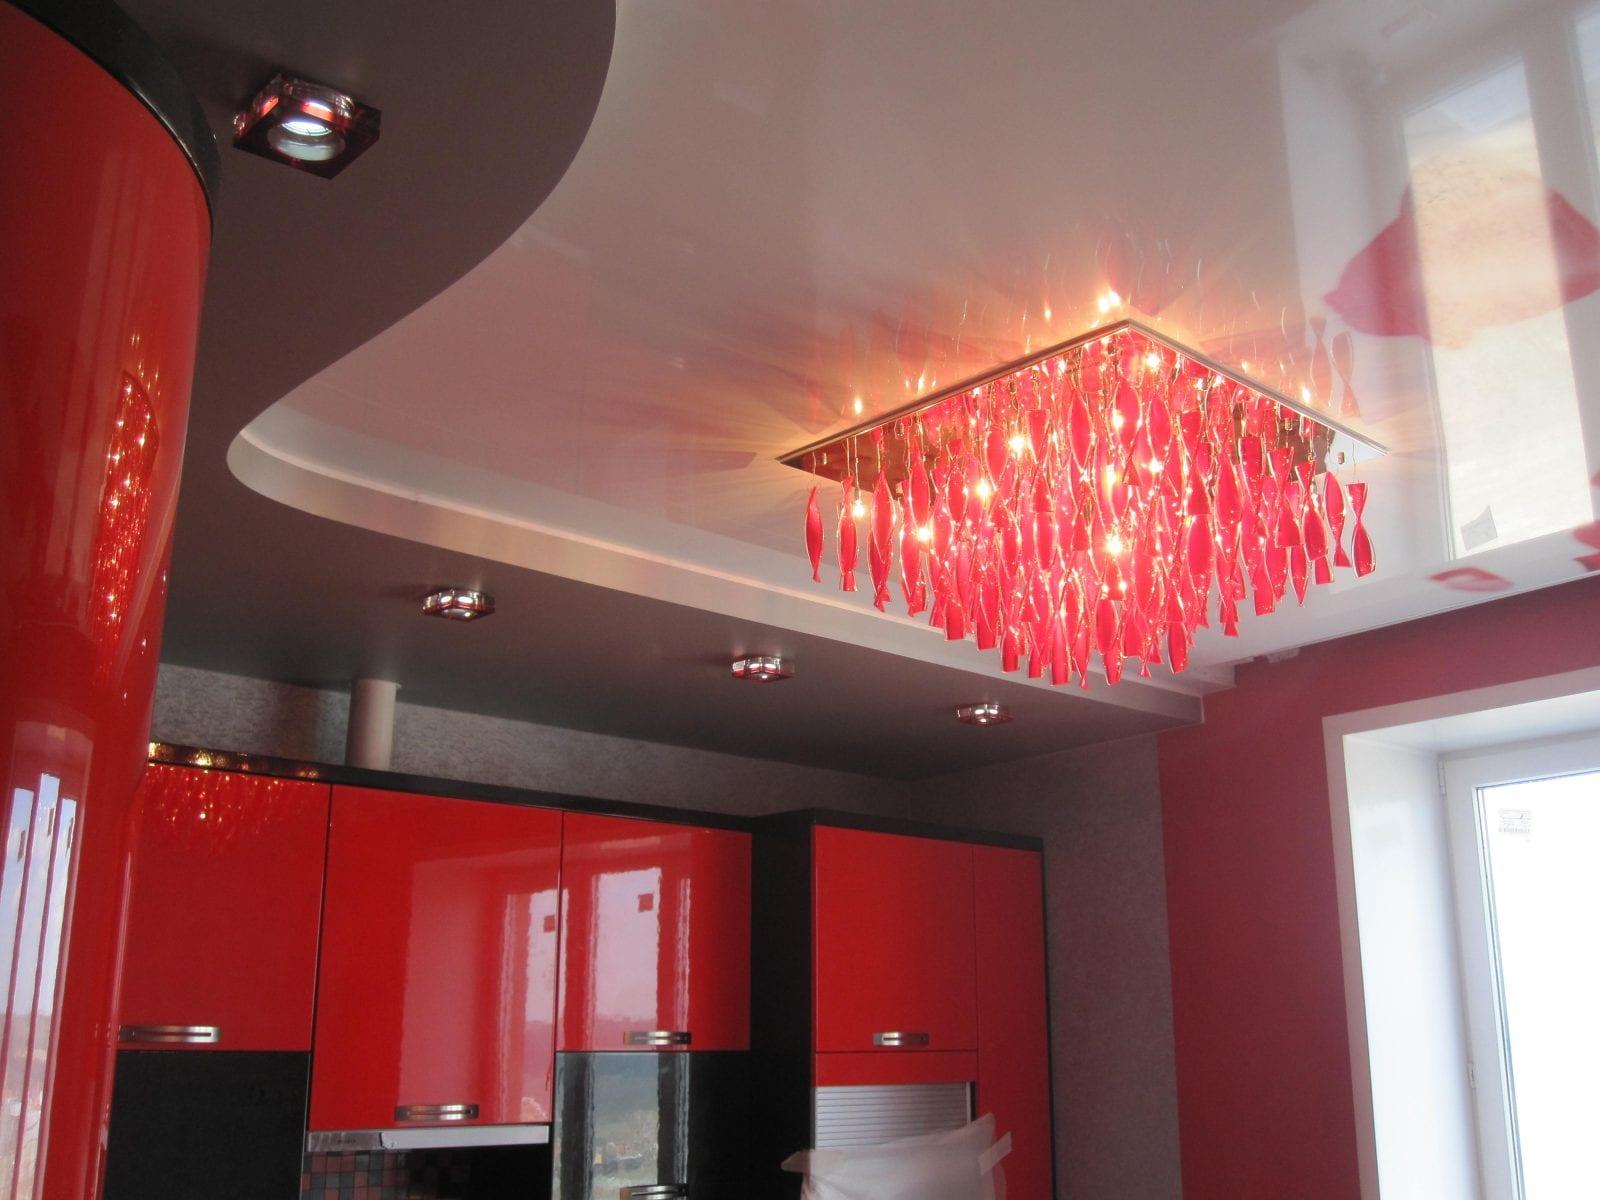 Натяжной потолок на кухне: Фото идеальных решений